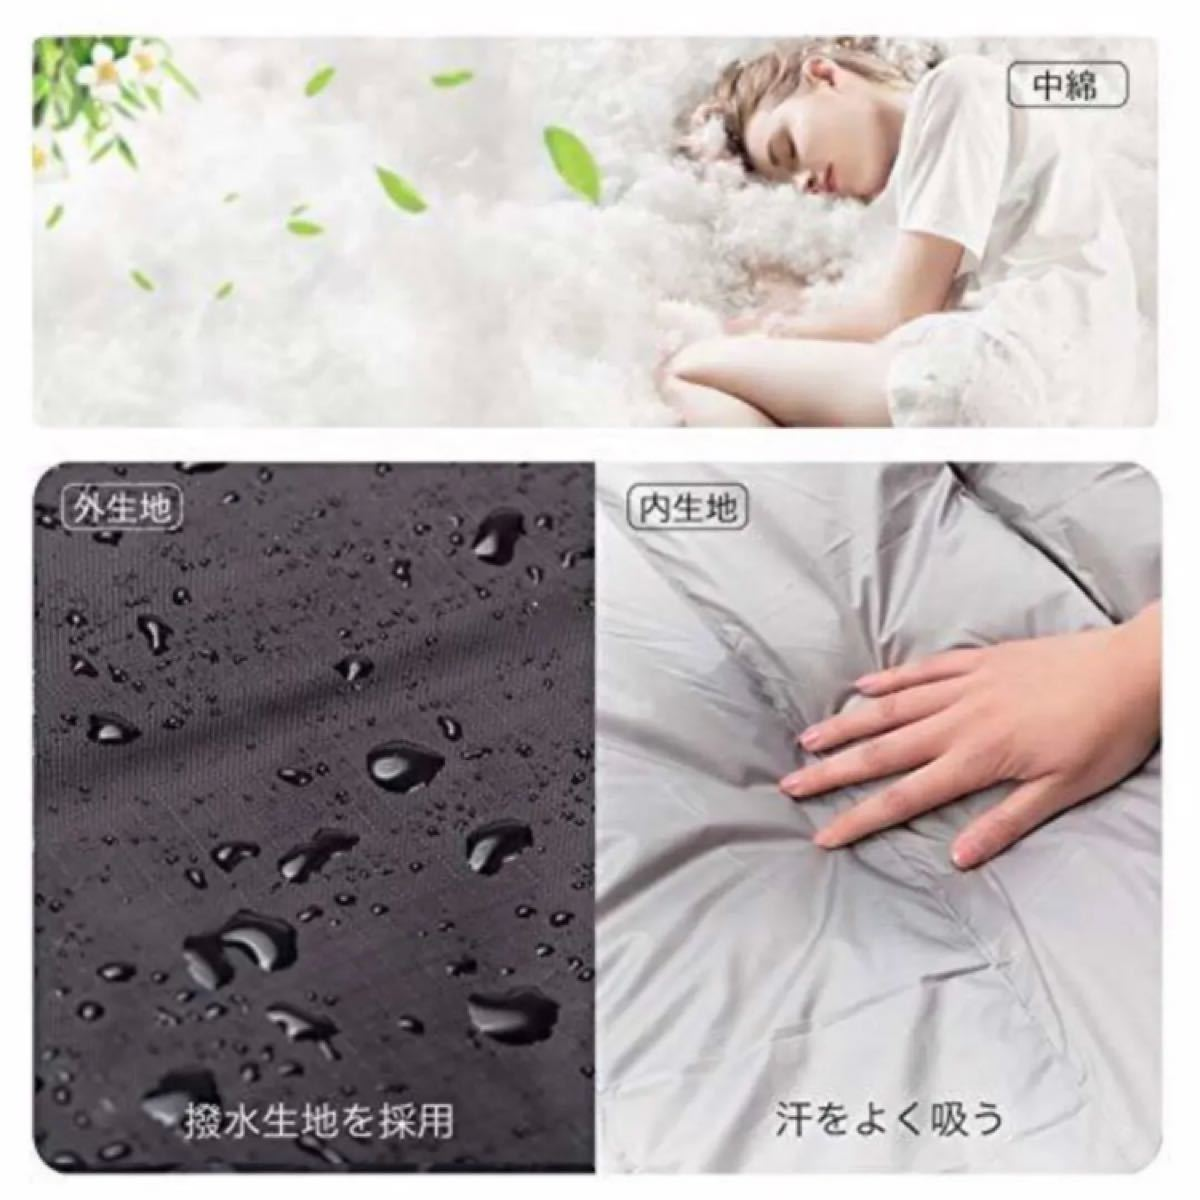 寝袋 シュラフ 封筒型 コンパクト 丸洗い 軽量 防水 簡単収納 連結可能